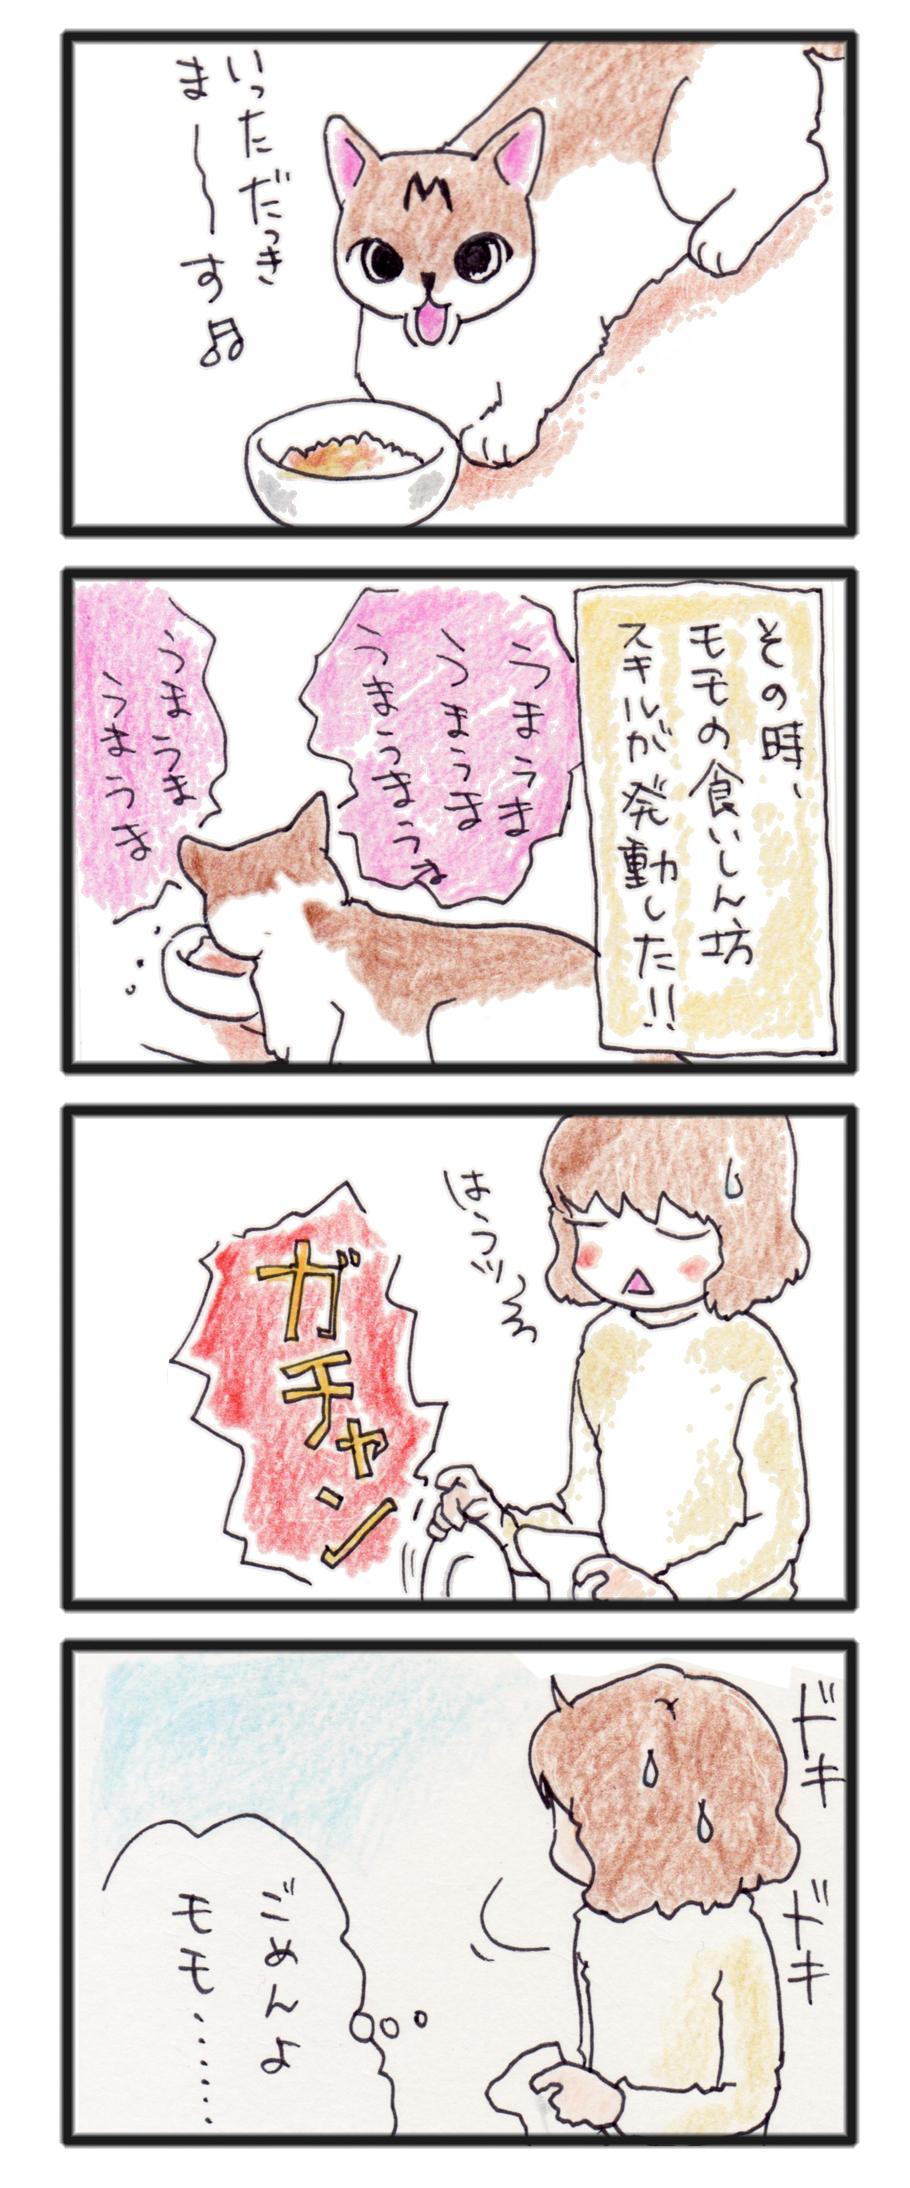 comic_4c_14030101.jpg